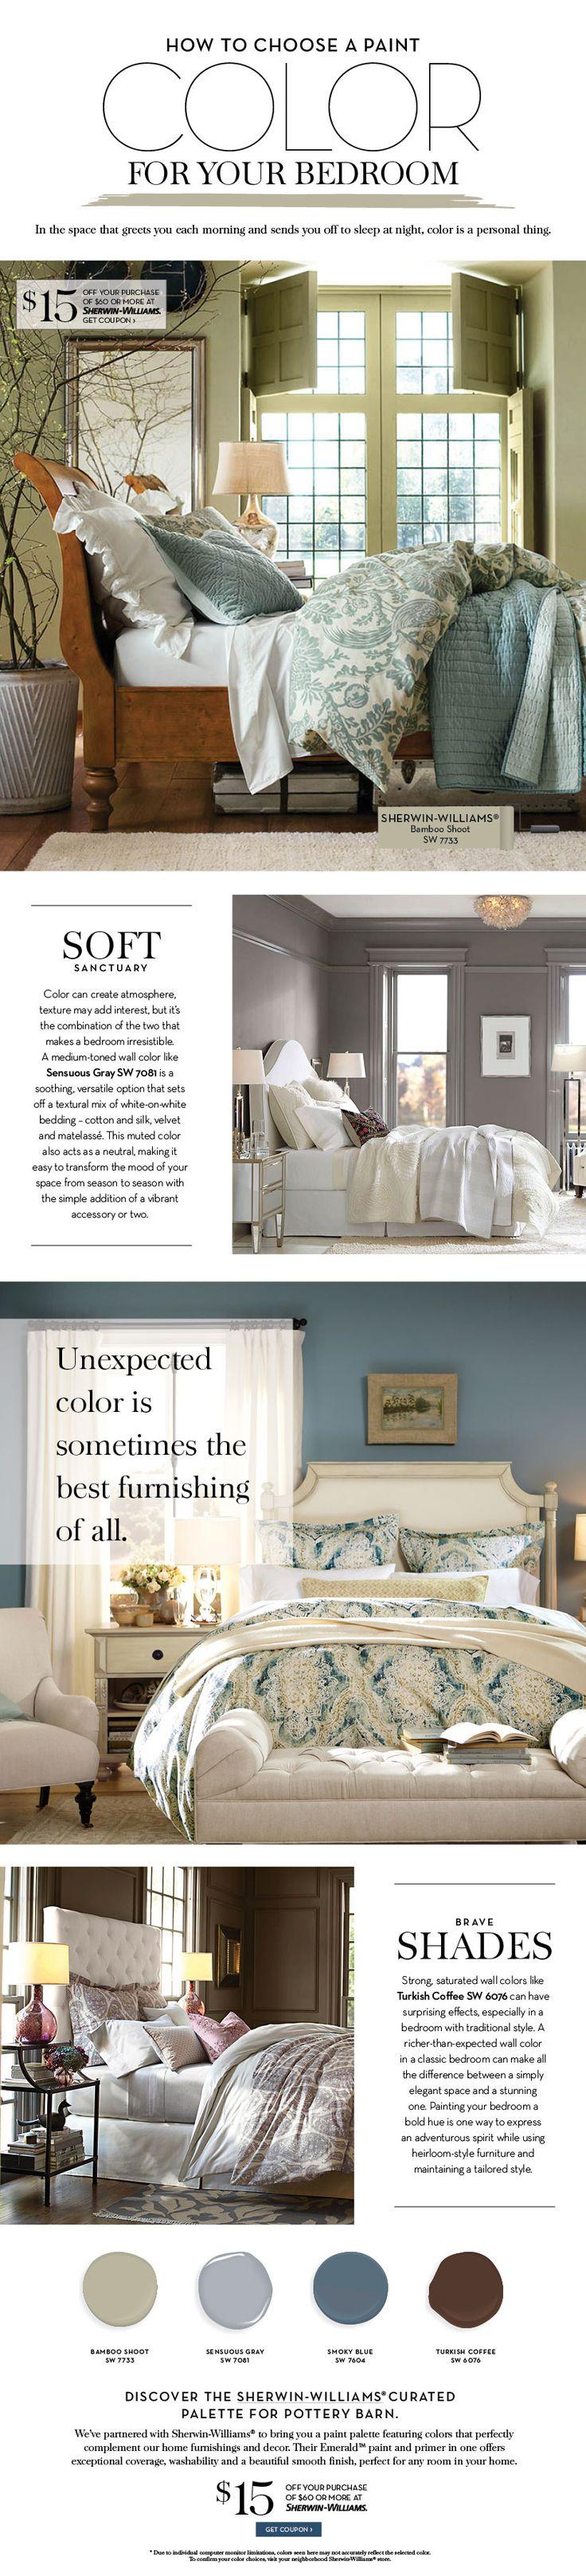 285 best Paint Colors and Color Schemes images on Pinterest ...